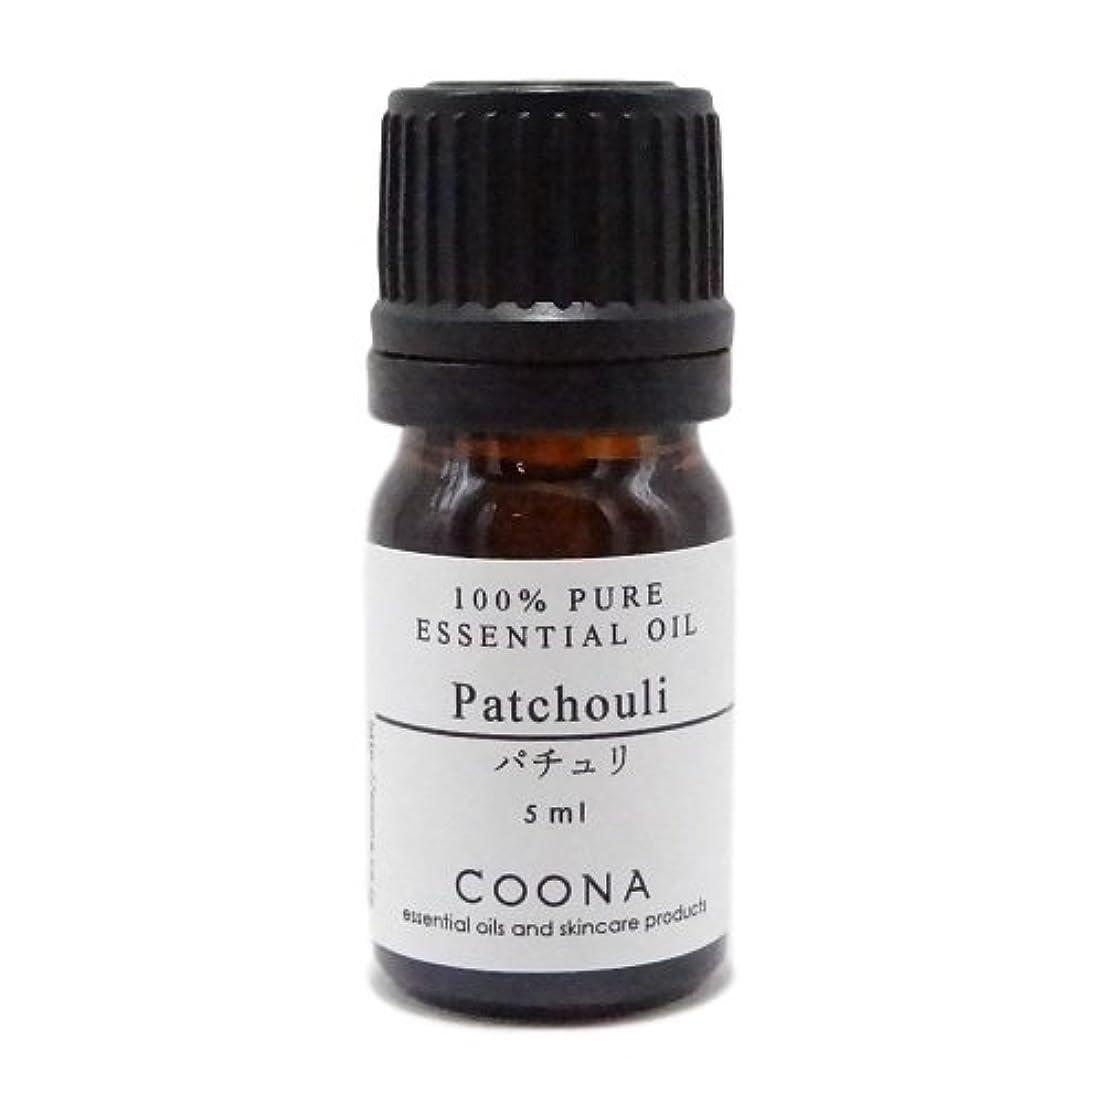 に賛成ところで稚魚パチュリ 5 ml (COONA エッセンシャルオイル アロマオイル 100%天然植物精油)